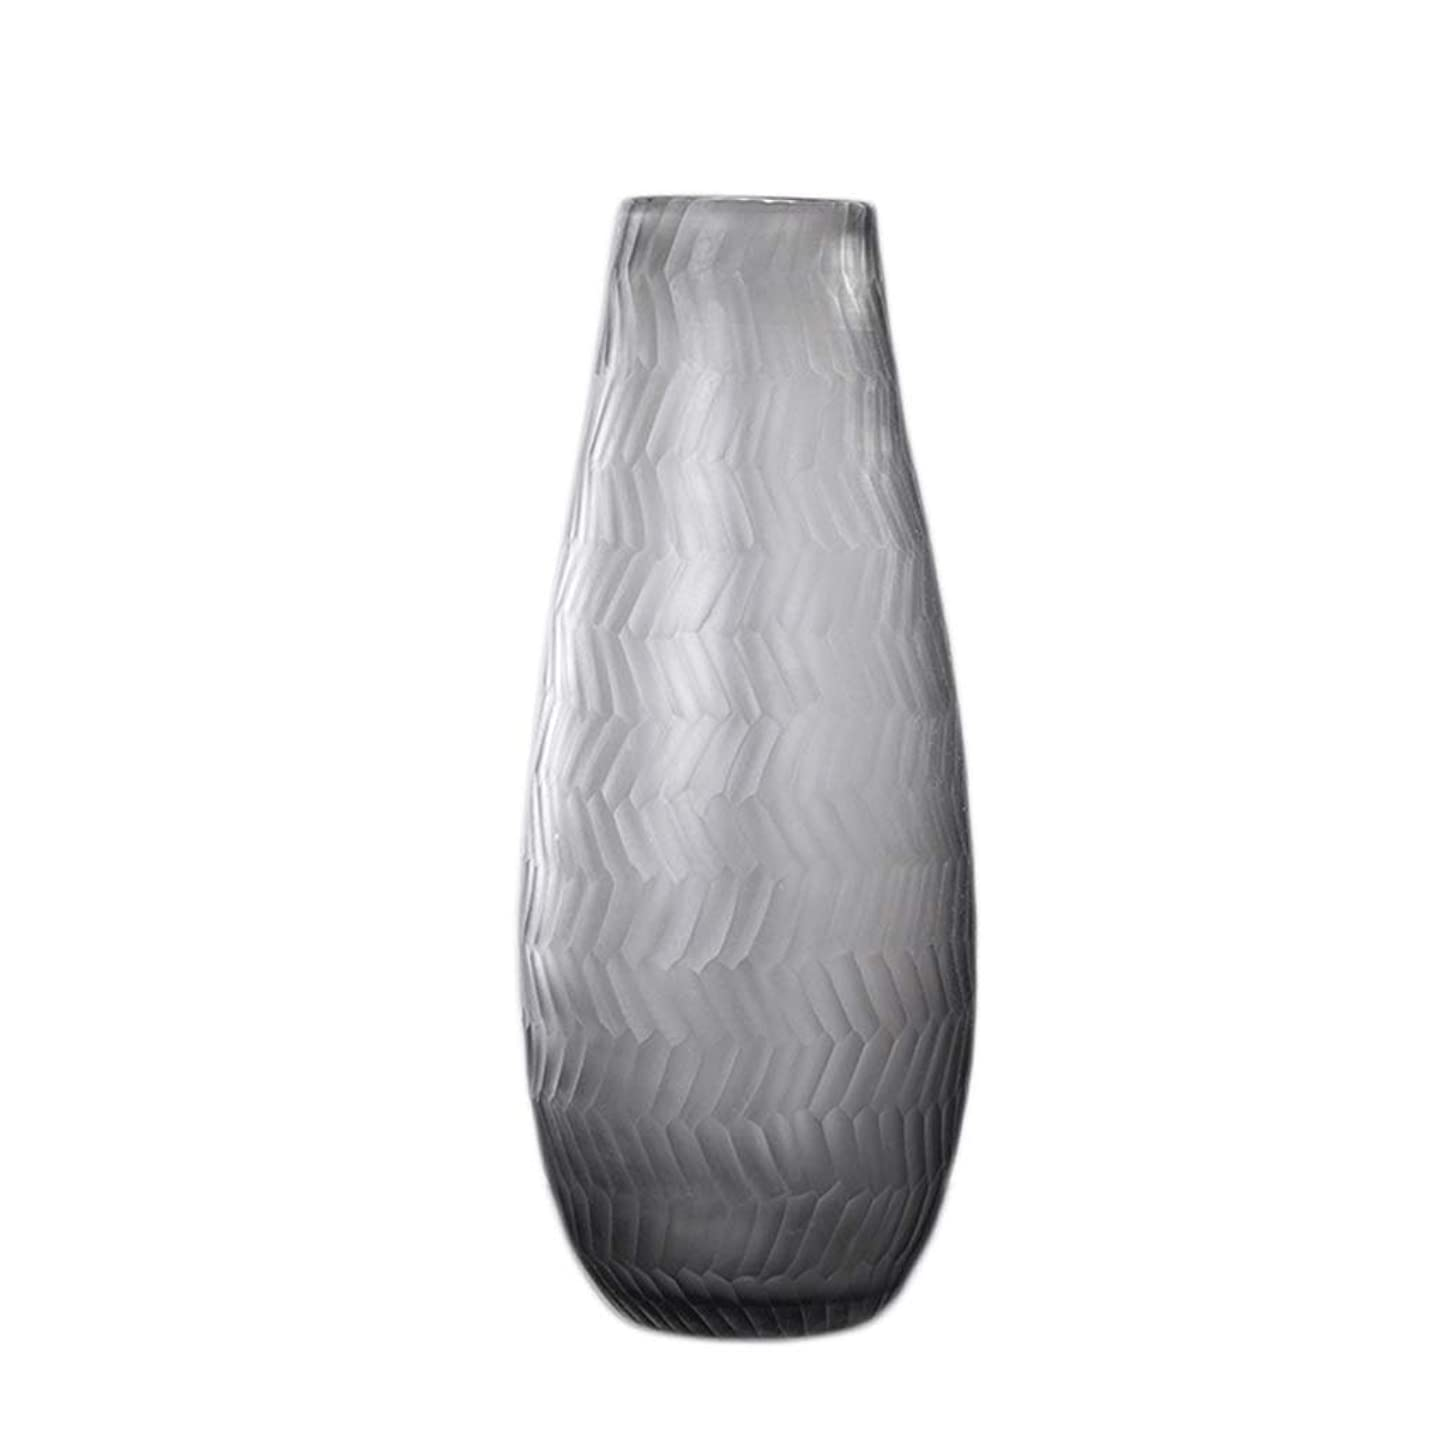 内なるトンバットTXC- 透明ガラス花瓶フラワーアレンジメント水花家の装飾リビングルームの装飾 デコレーション (Color : C)